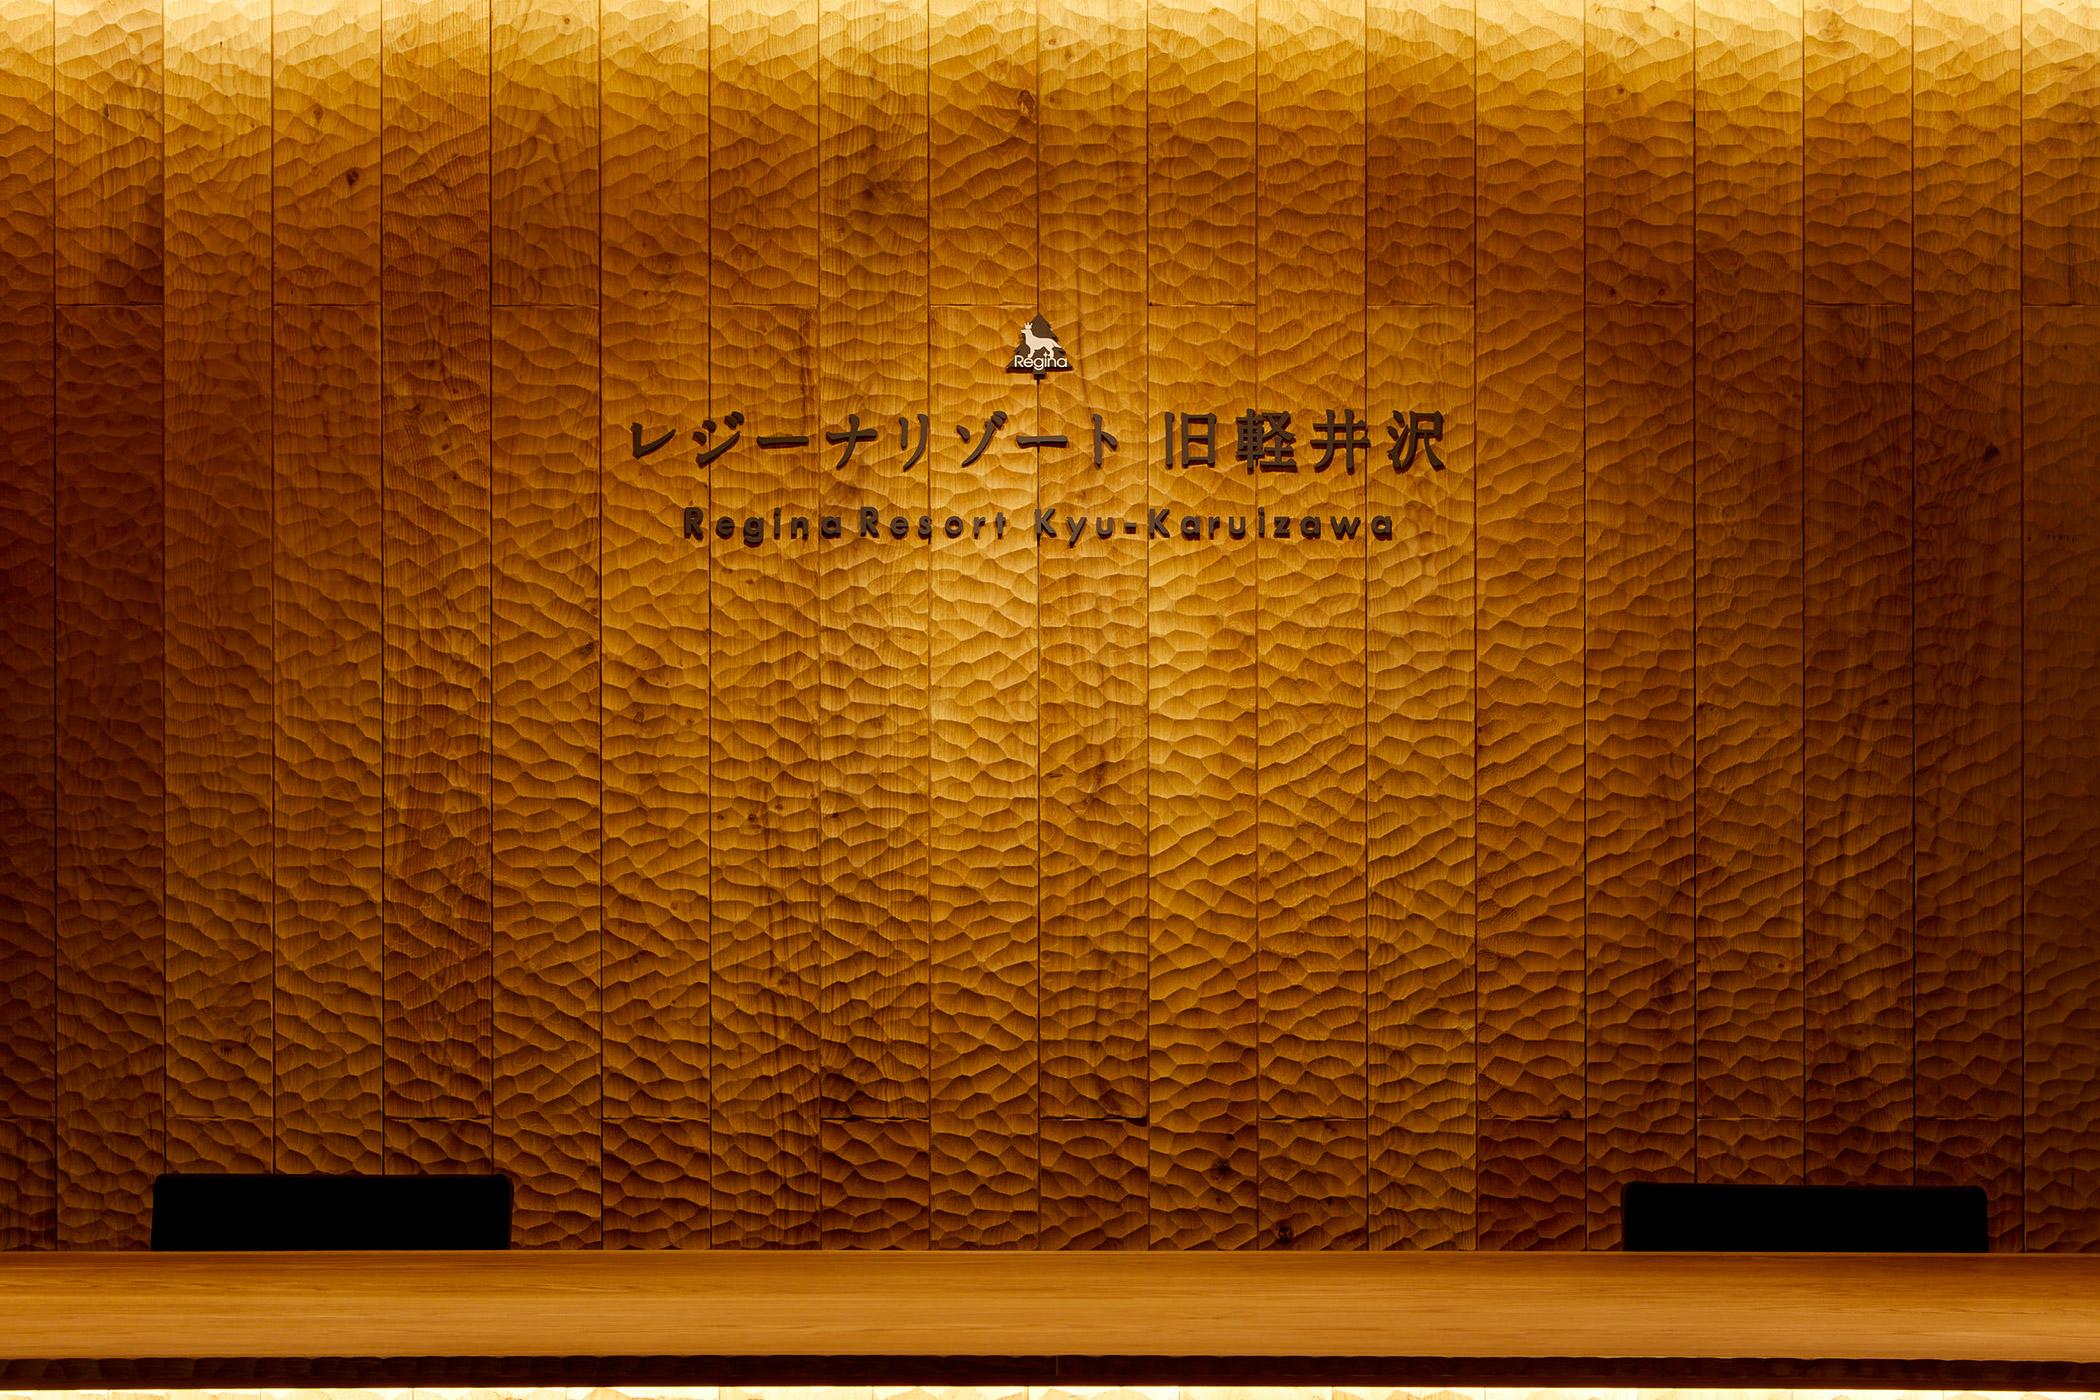 レジーナリゾート旧軽井沢 © 6D